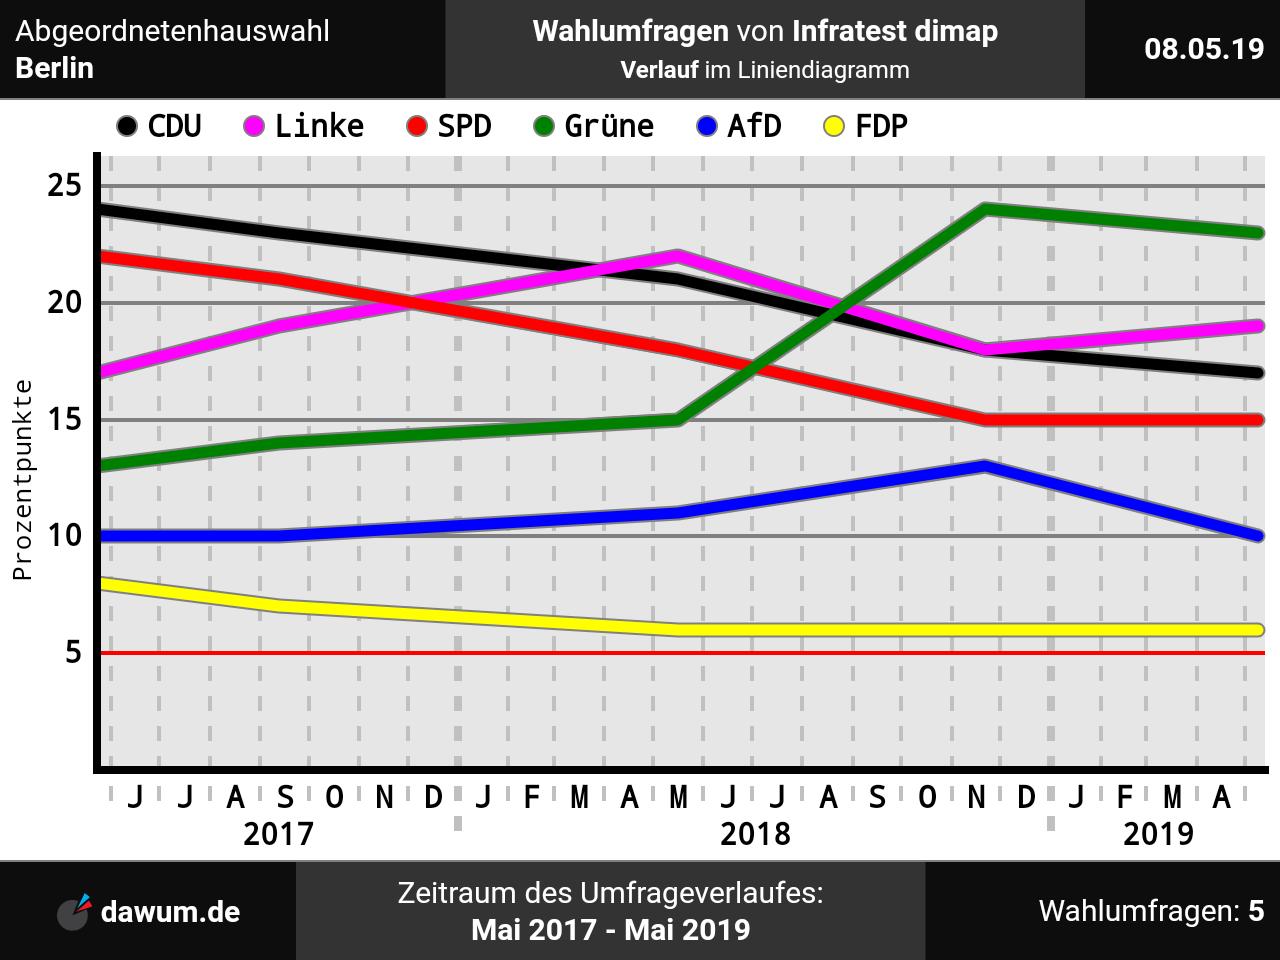 Abgeordnetenhauswahl Berlin: Wahlumfrage Vom 08.05.2019